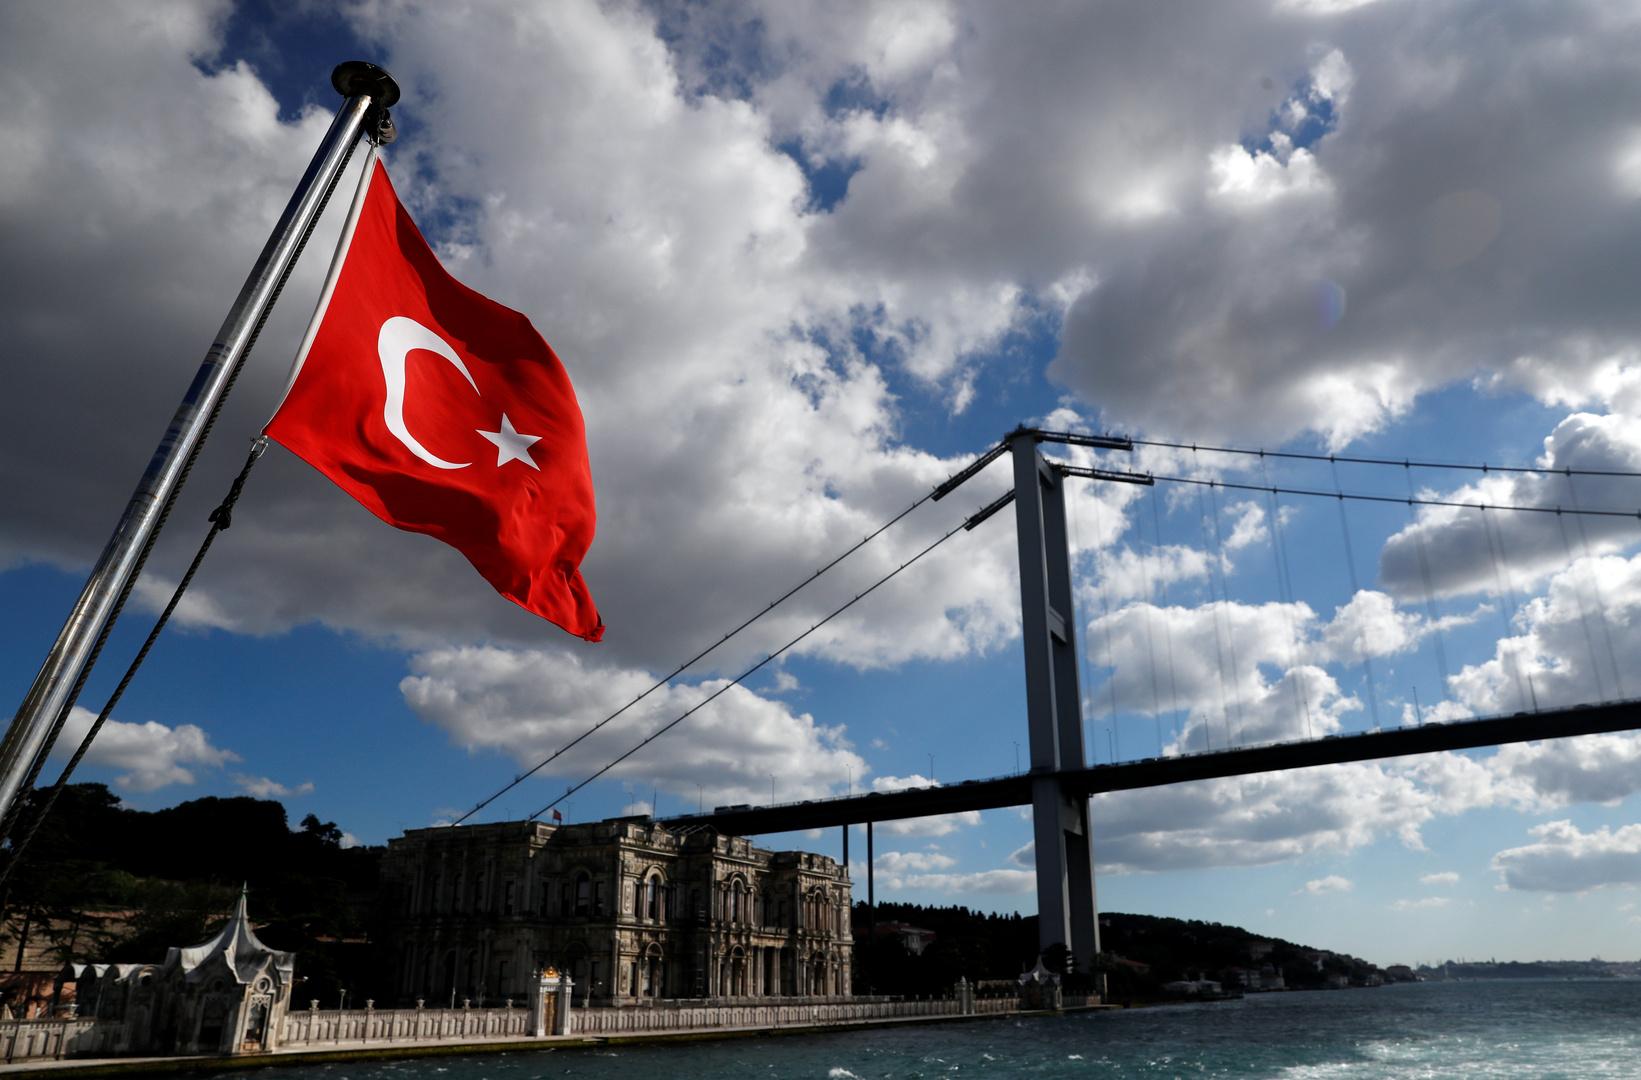 تركيا: ضبط 9 أشخاص بينهم 2 من تنظيمي